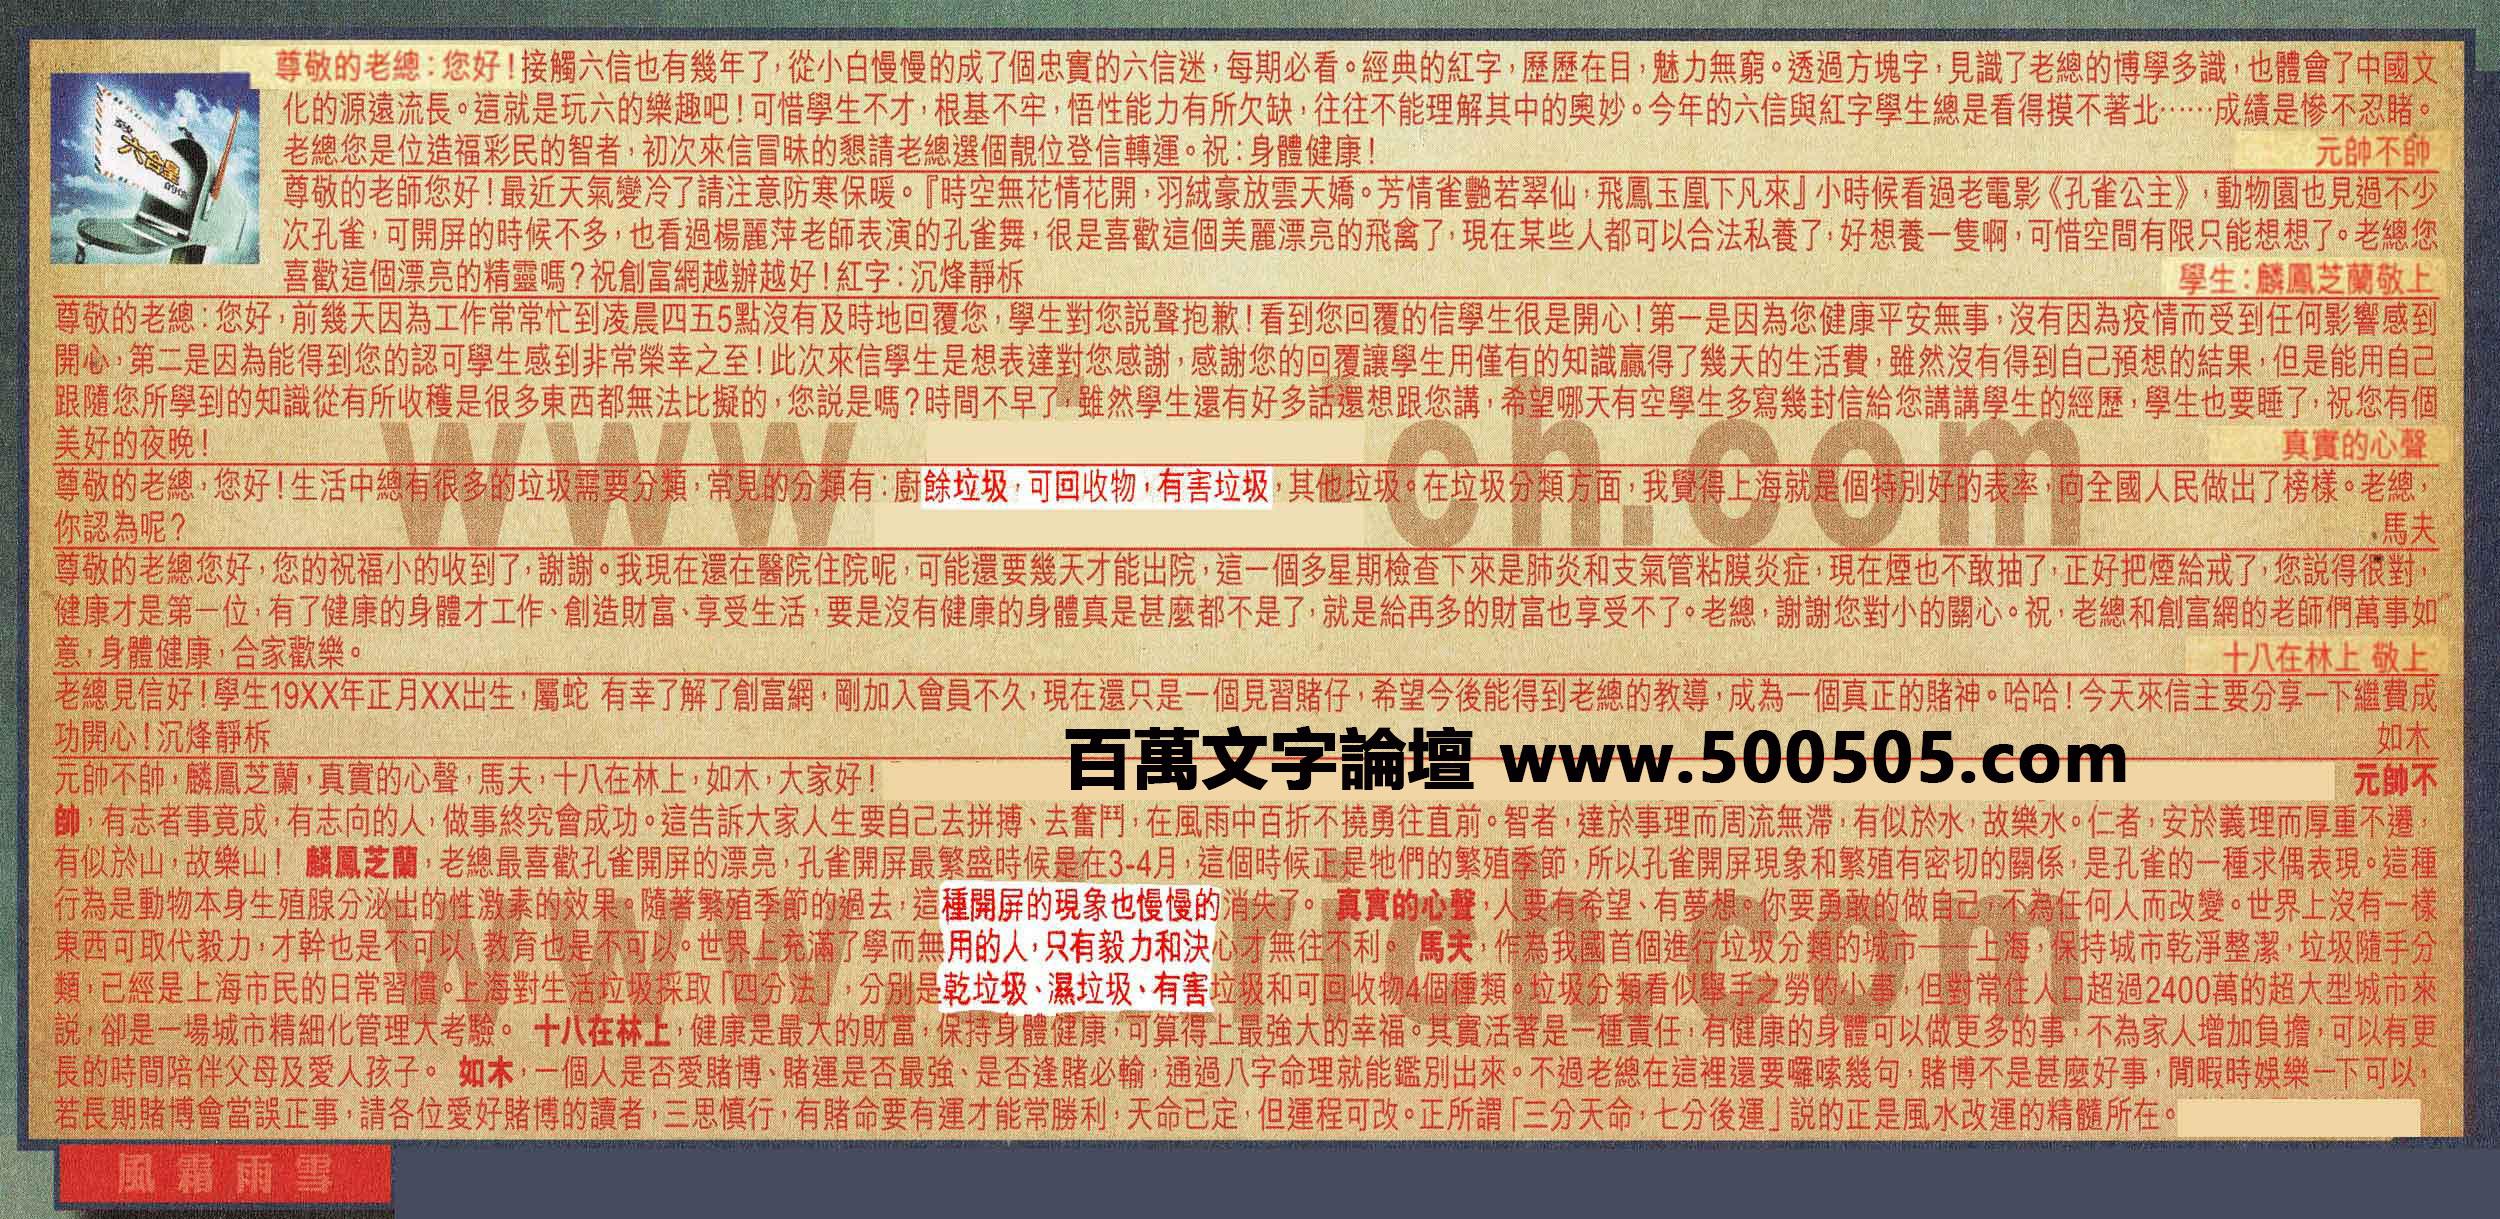 027期:彩民推荐六合皇信箱(紅字:風霜雨雪)_027期开奖结果:08-12-34-49-23-11-T28鸡/绿/金